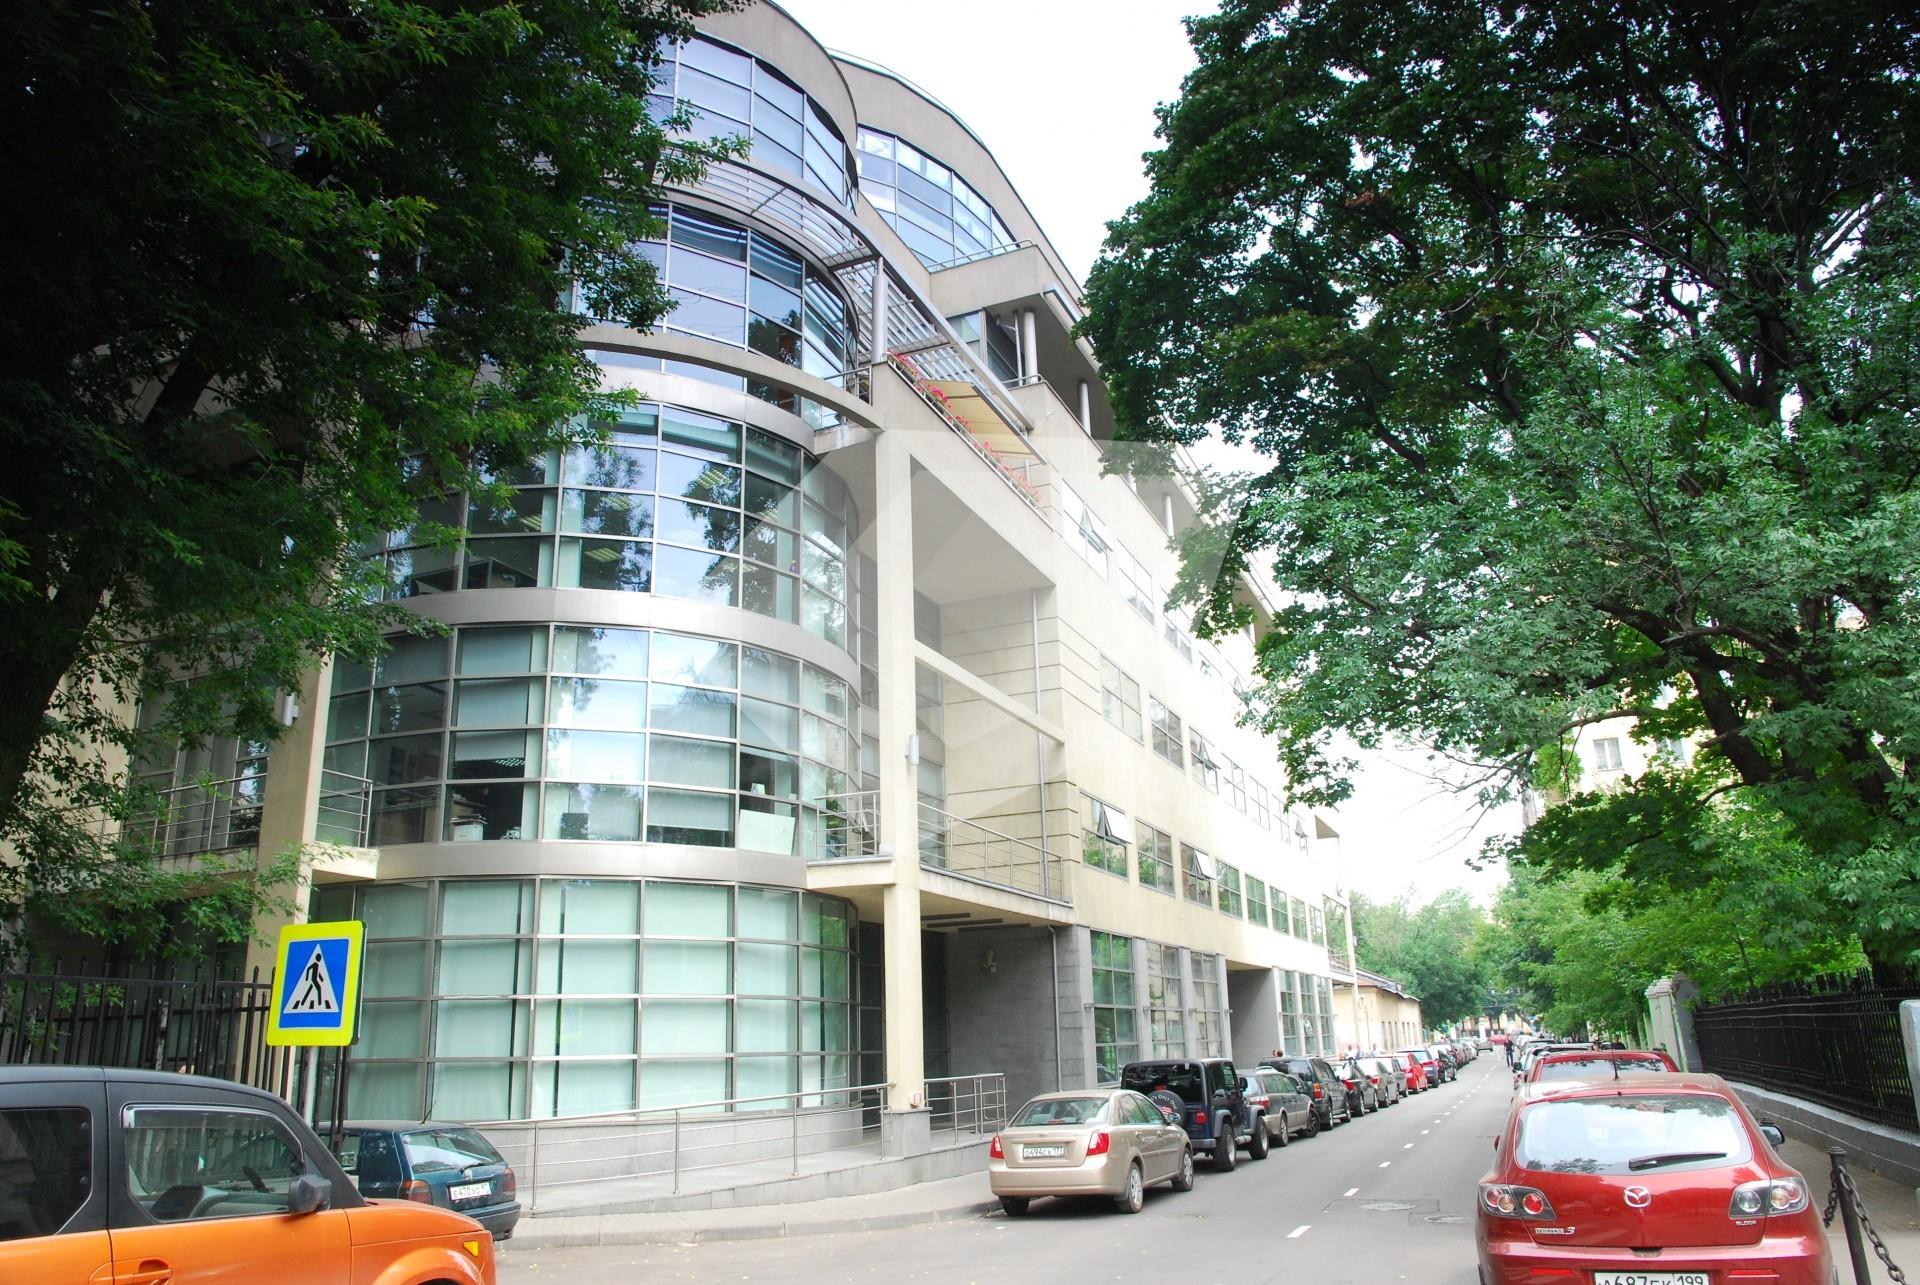 Поиск помещения под офис Огородная Слобода переулок аренда офиса метро автозаводская